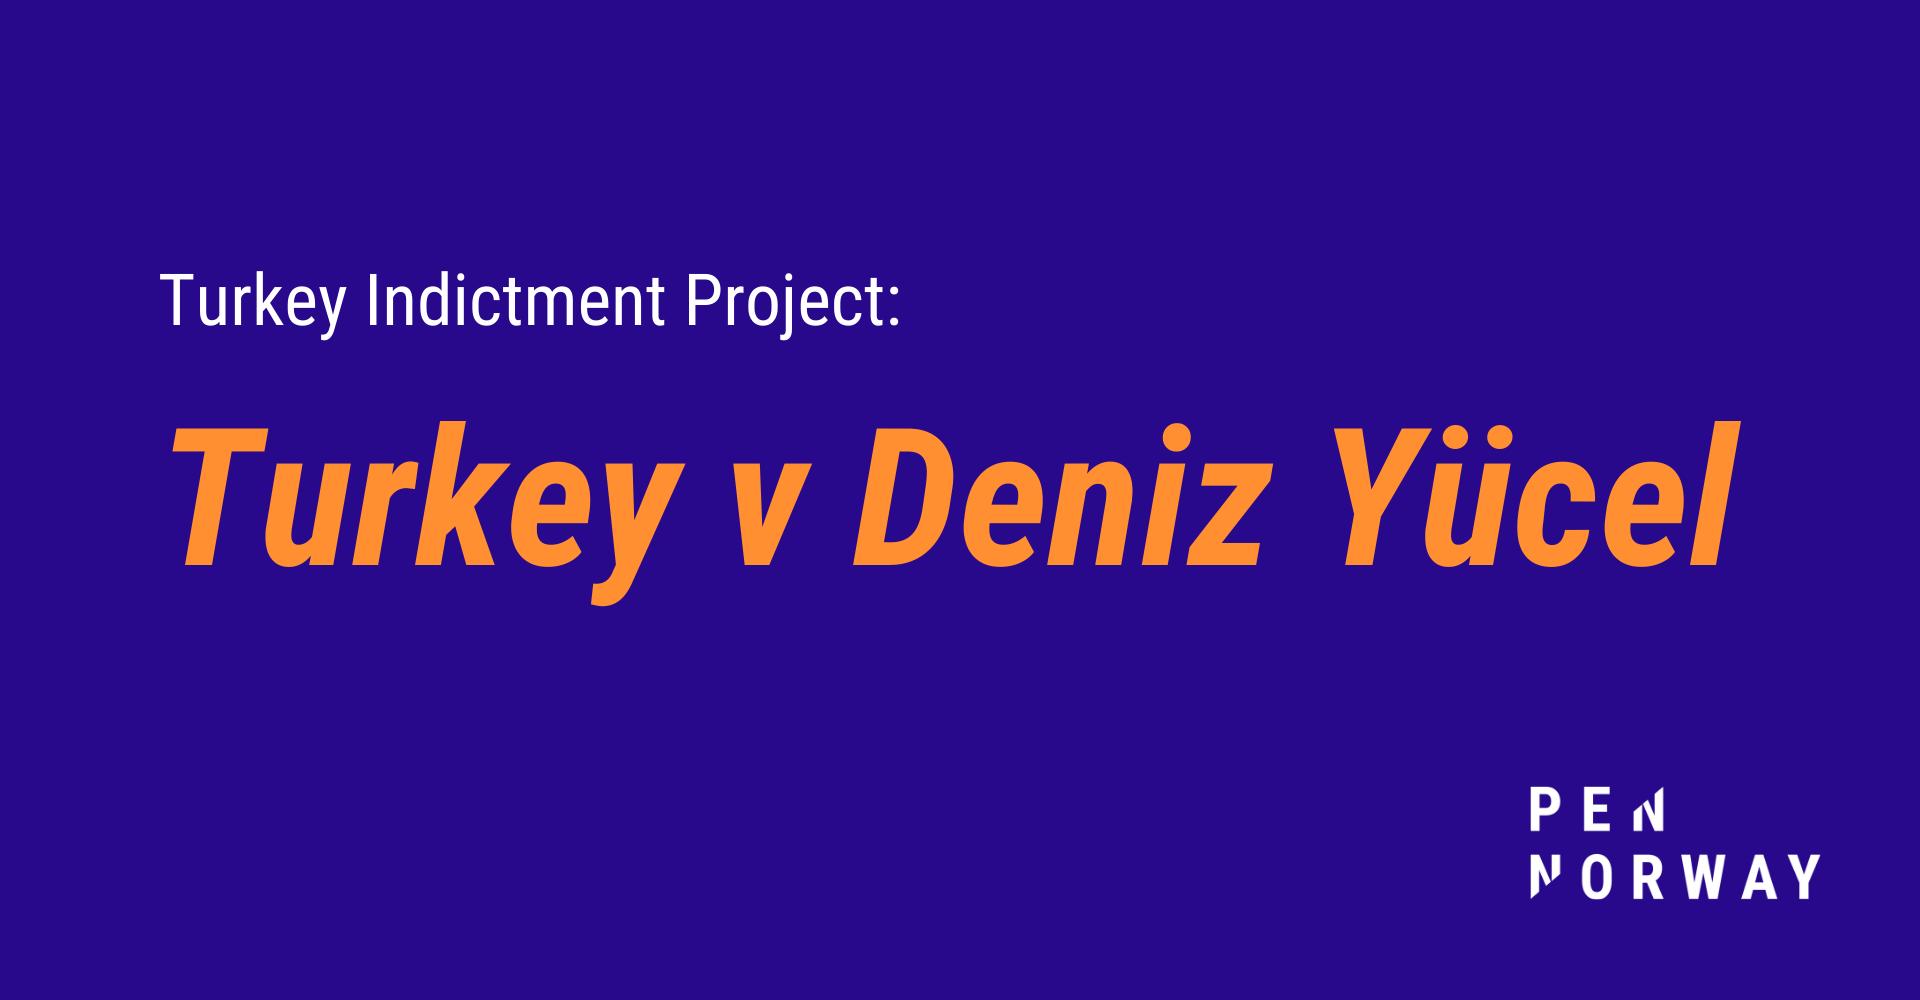 Evaluation of 'Turkey v Deniz Yücel'